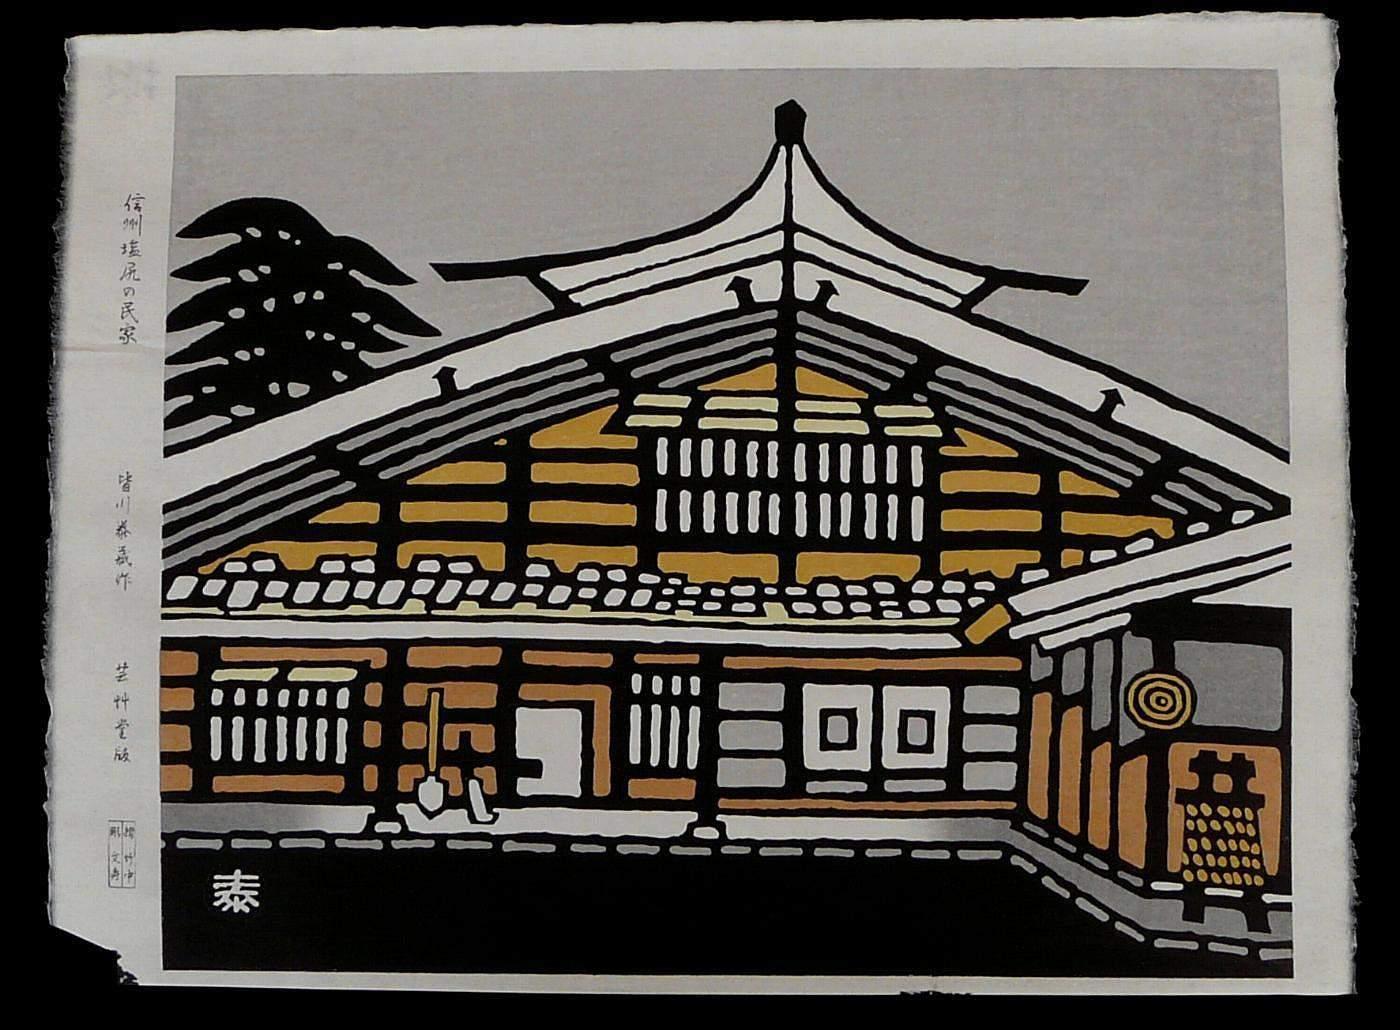 TAIZO MINAGAWA: #P3234 GOKOKUJI TEMPLE IN SHIMABARA